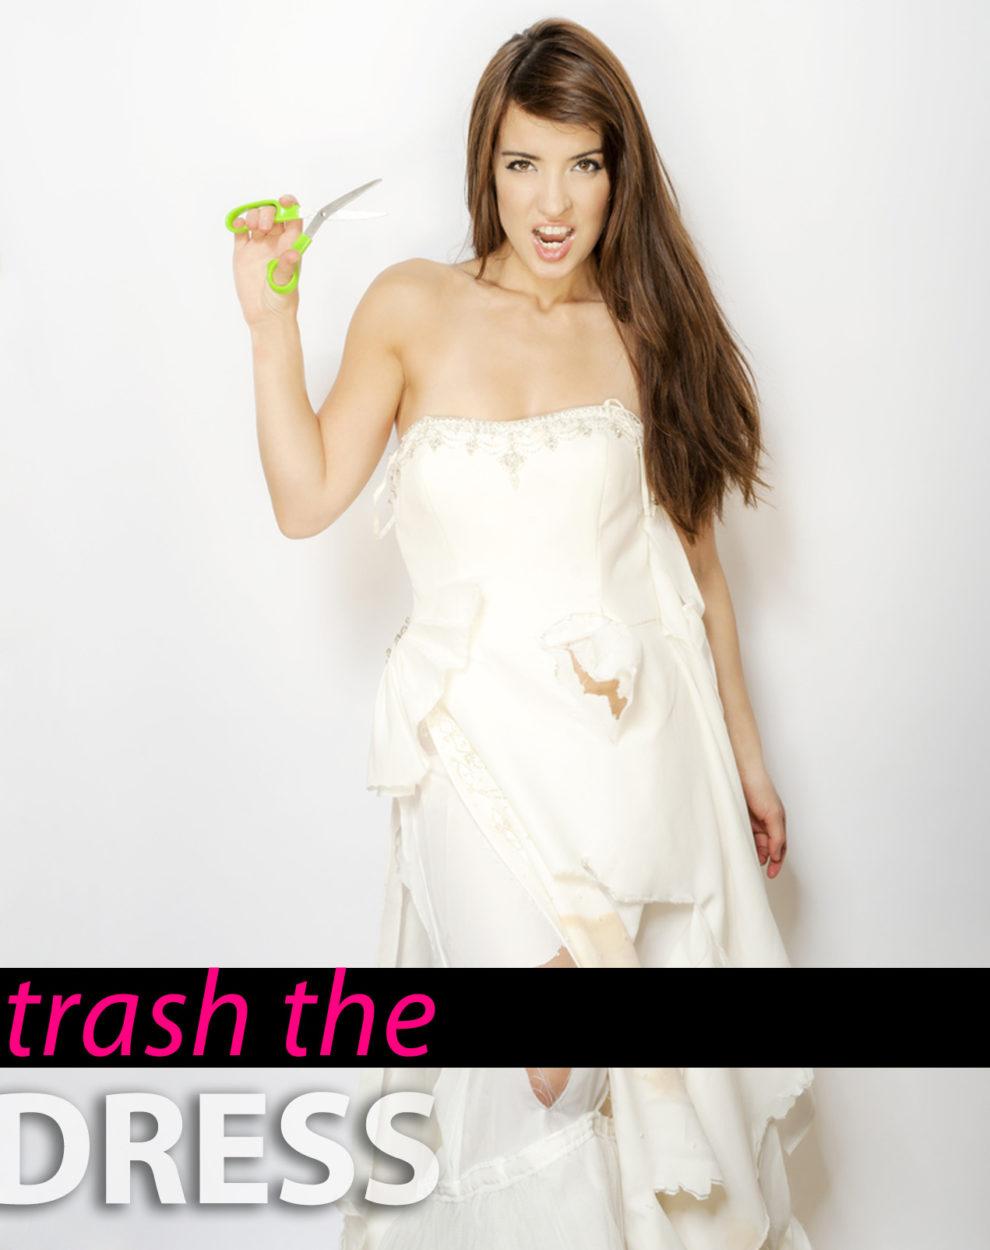 Trash the dress! So wirst du dein Brautkleid mit Stil los | Ana ...